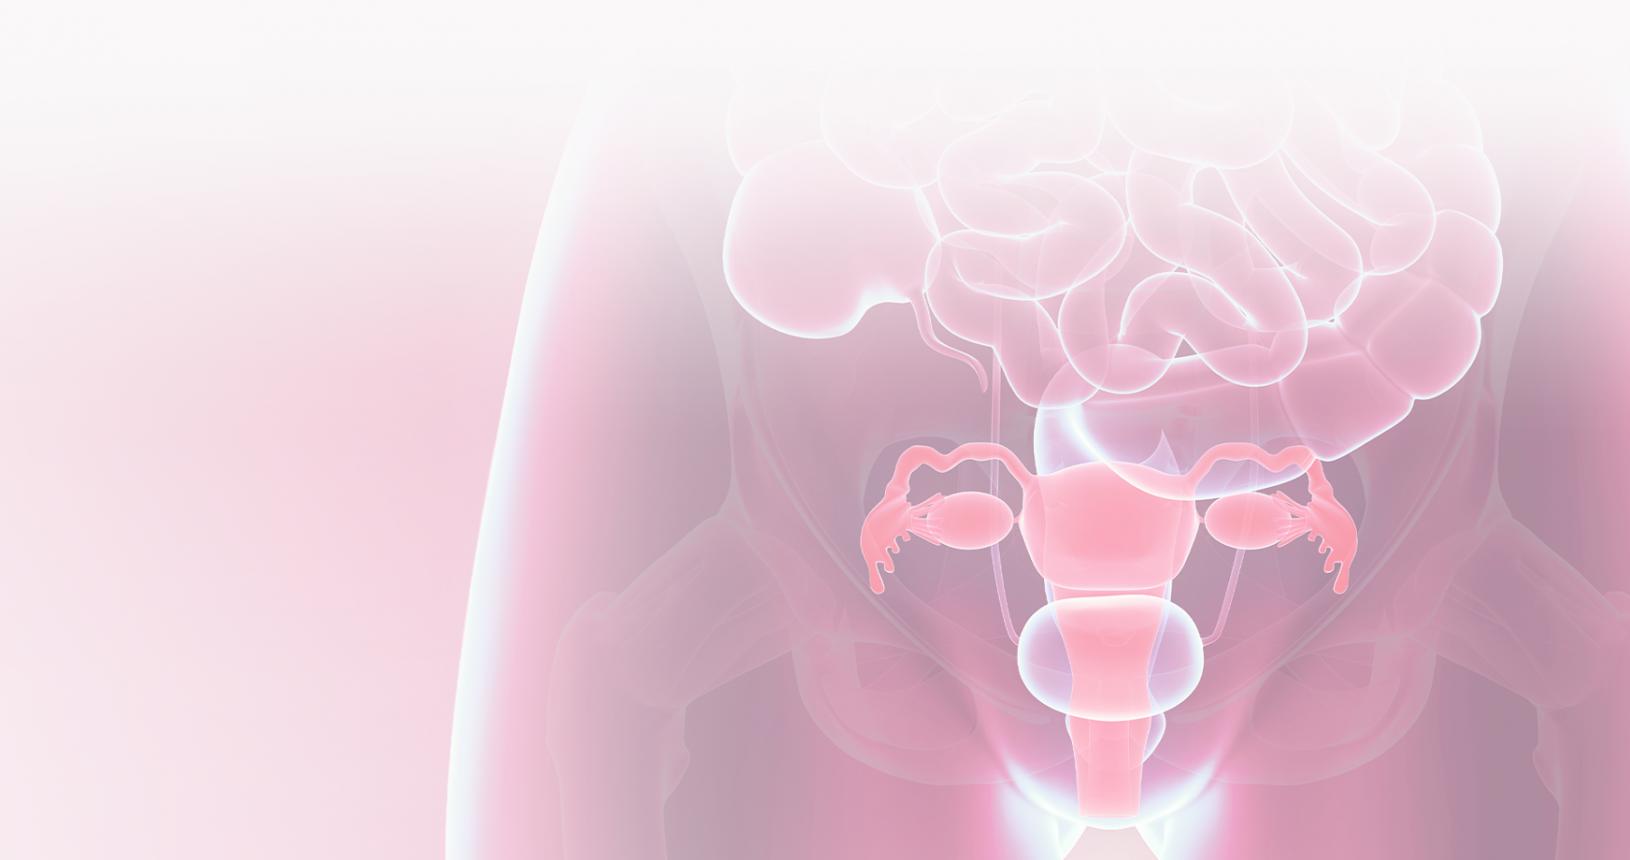 Kostenloser Ratgeber: Lesen Sie alles rund um bakterielle Vaginose, Scheidenpilz, Honeymoon-Zystitis, Scheidentrockenheit, Menopause uvm. nach.